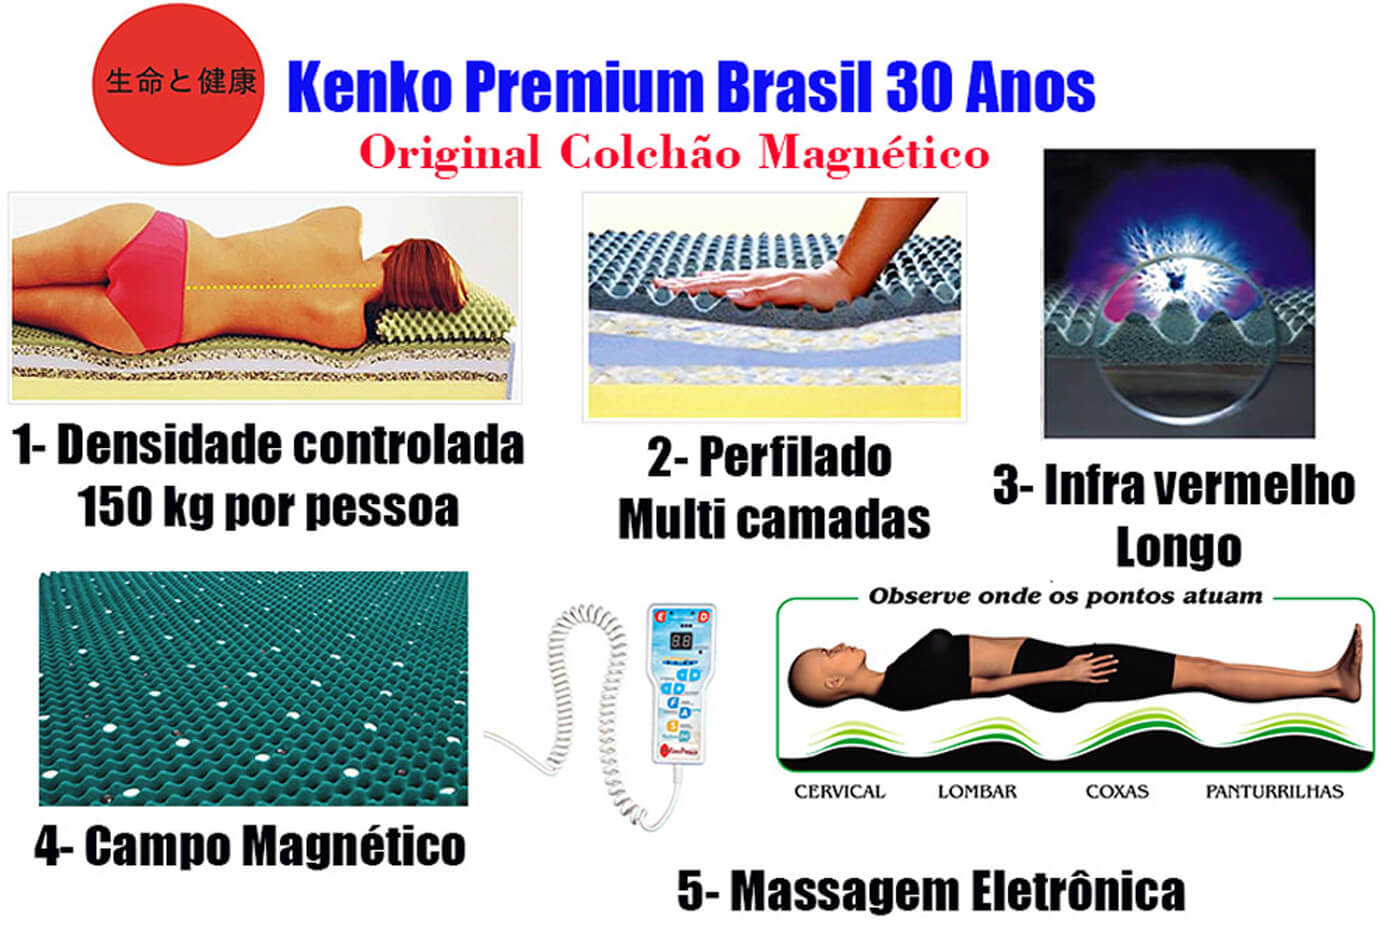 Colchão Magnético Queen Size Kenko Premium Standart  C/ Massagem Eletrônica Energia Bioquãntica 1,58x1,98x25cm  - Kenko Premium Colchões